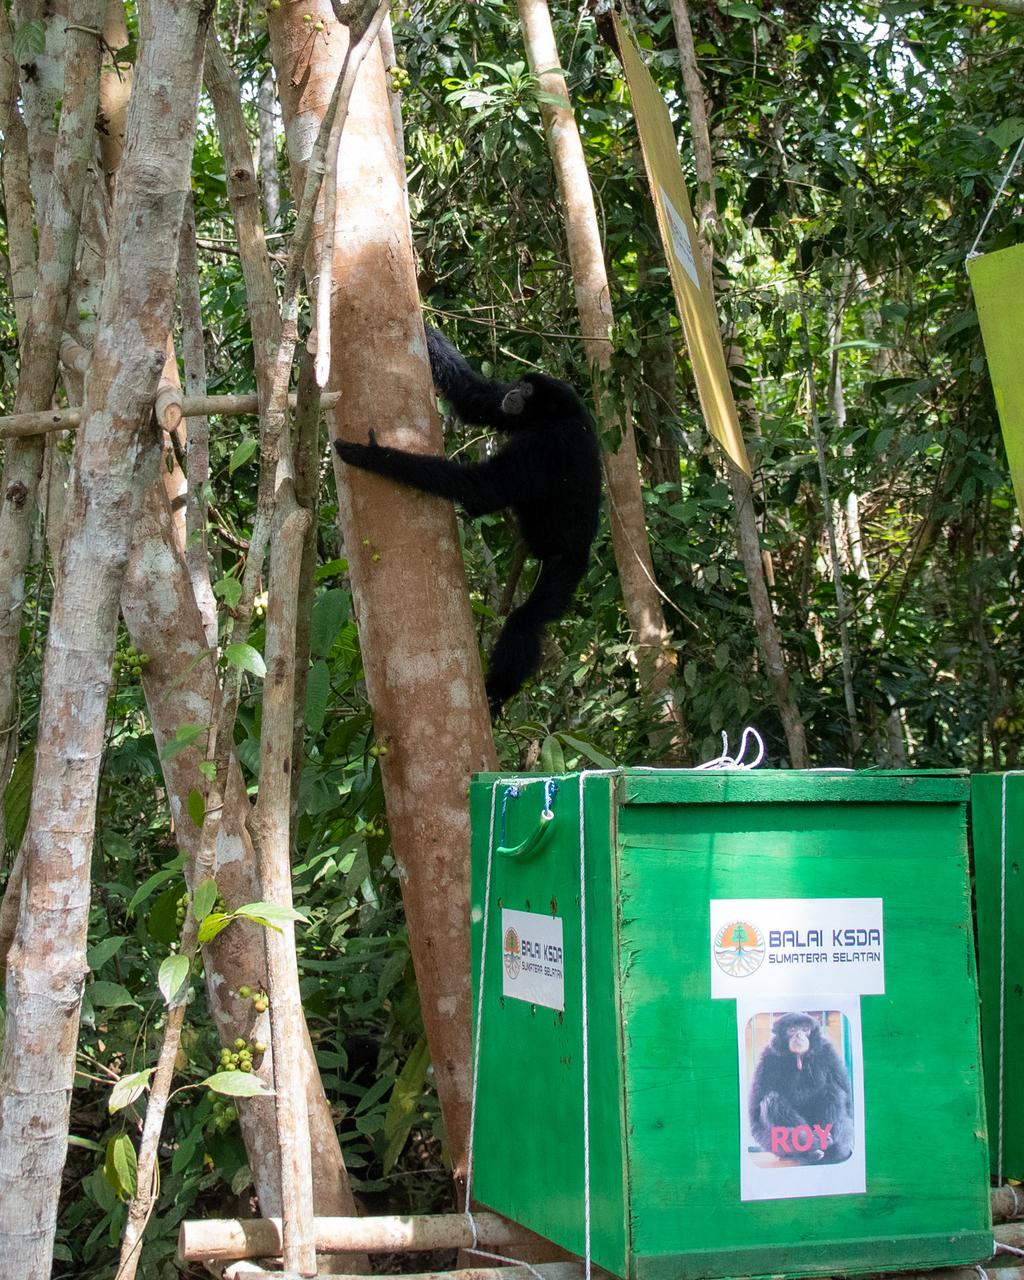 Foto: Pelepasliaran Siamang di Sumsel Peringati Hari Konservasi Alam Nasional Pelepasliaran tersebut dalam rangka memperingati Hari Konservasi Alam Nasional. Foto: Nova Wahyudi/ANTARA FOTO